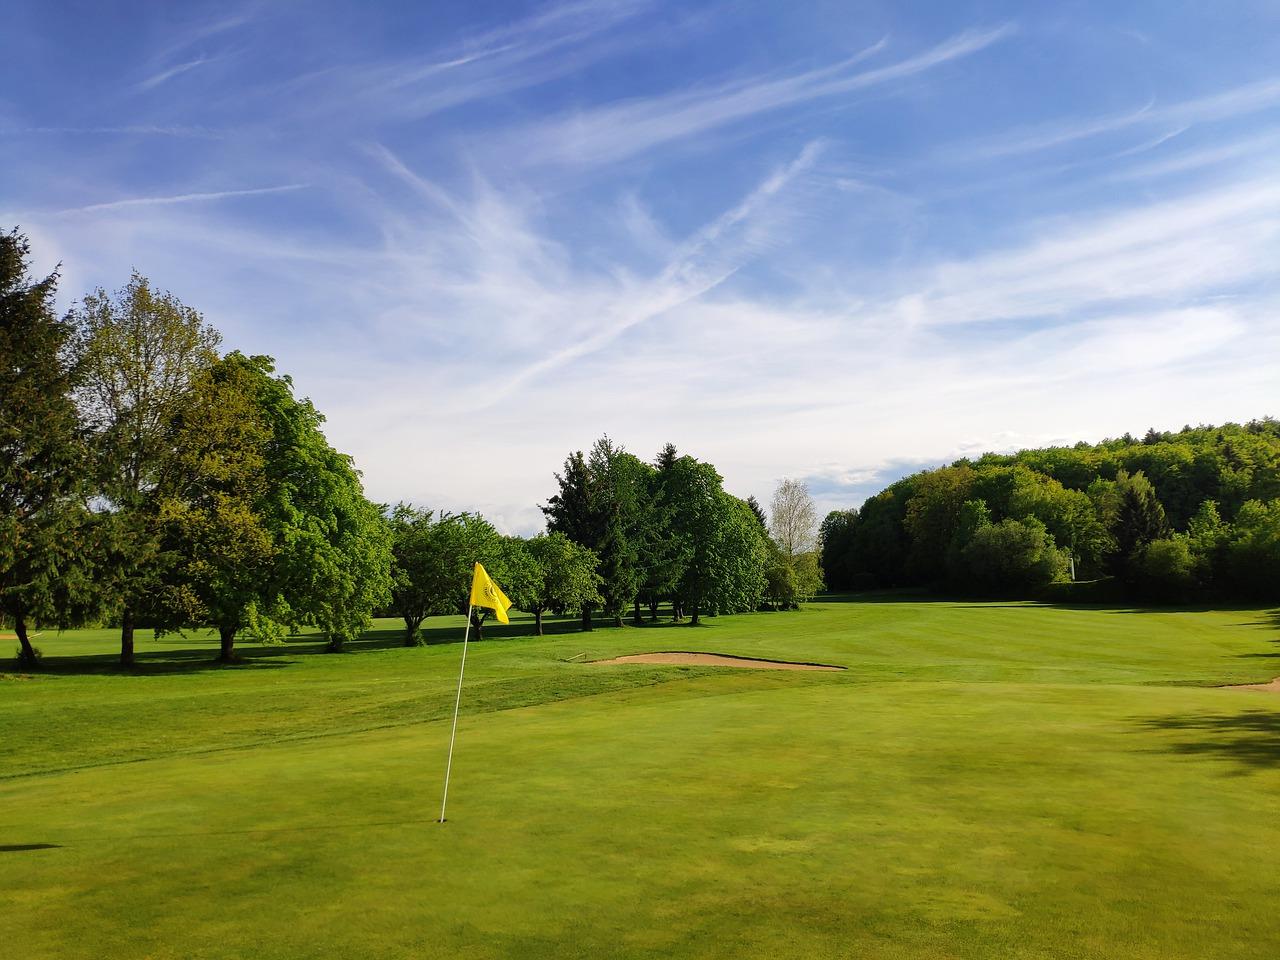 Golf Golf Course Green Grass Sport  - Klappe / Pixabay